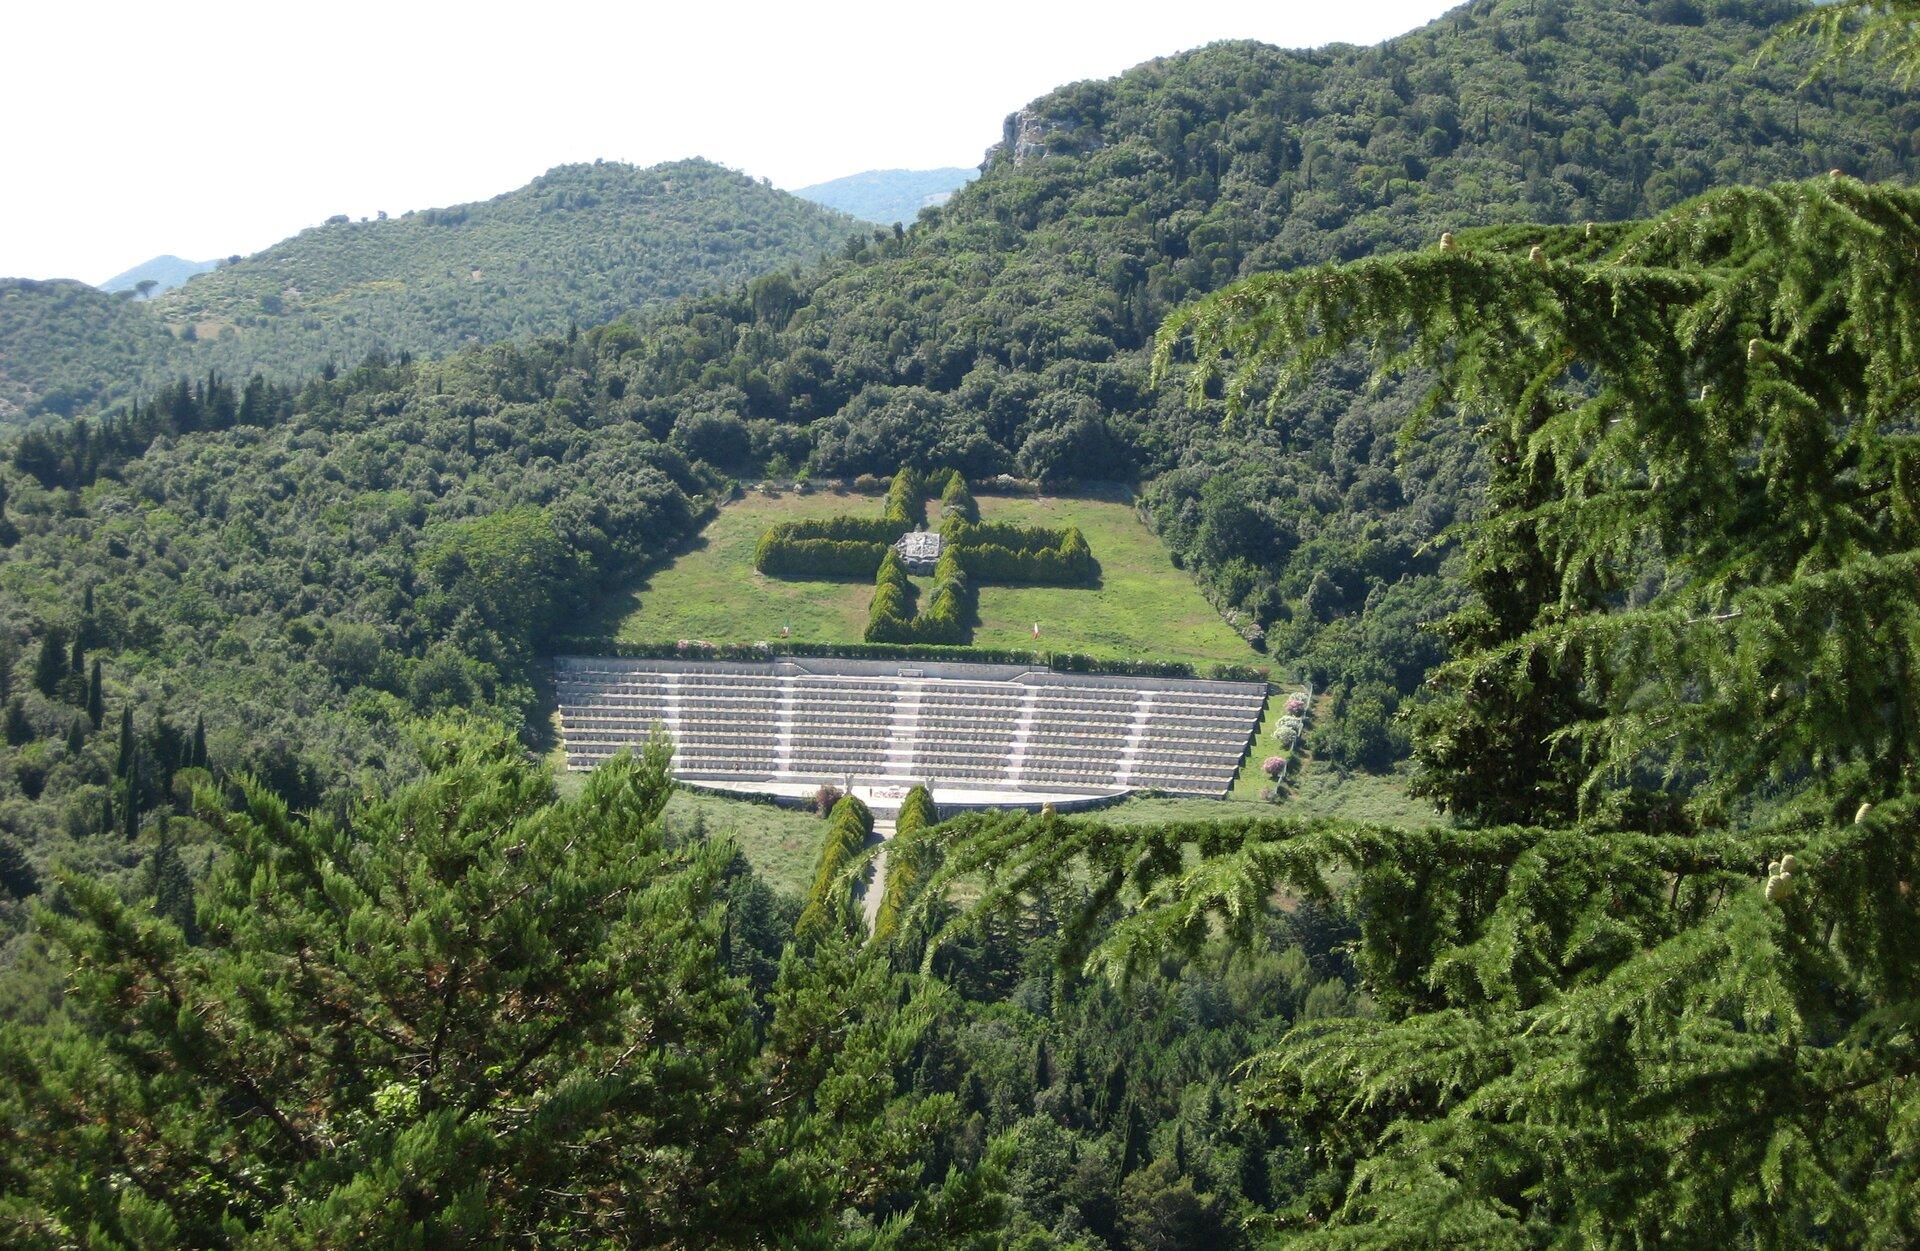 Cmentarz wojenny wMonte Cassino Zdjęcie nr 3 Źródło: Pilecka, Cmentarz wojenny wMonte Cassino, licencja: CC BY 3.0.